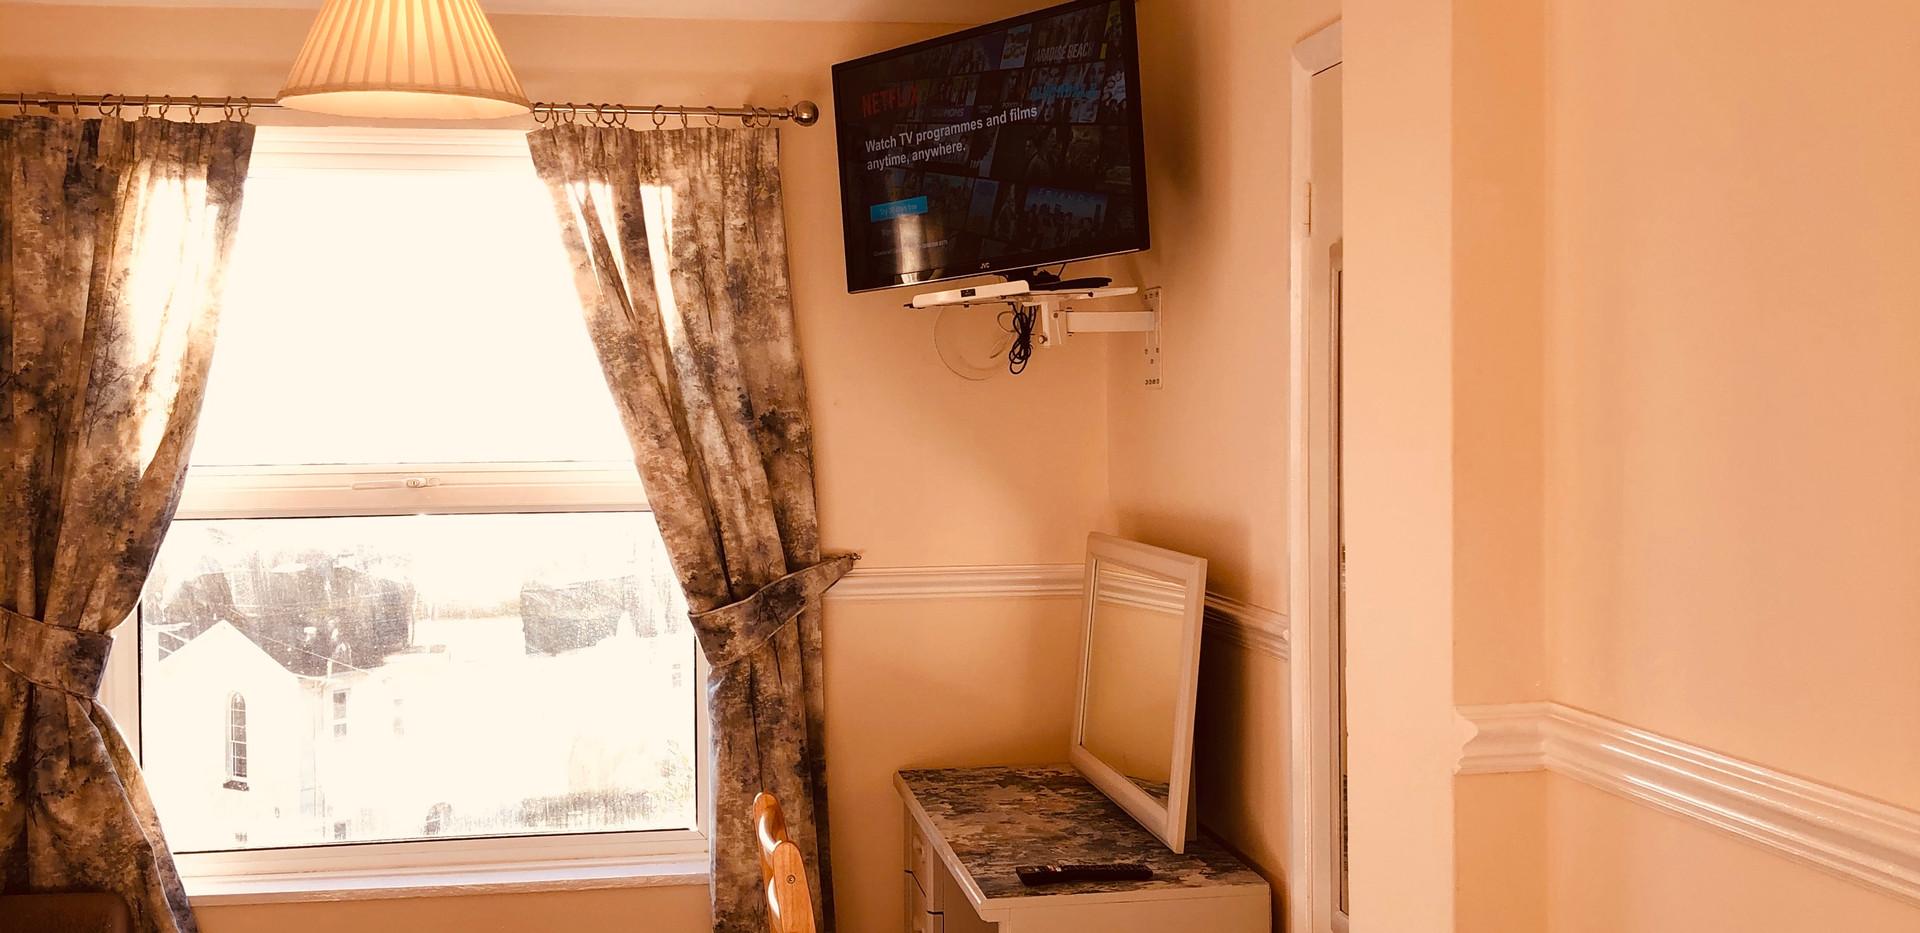 Premier Twin Room - Smart TV